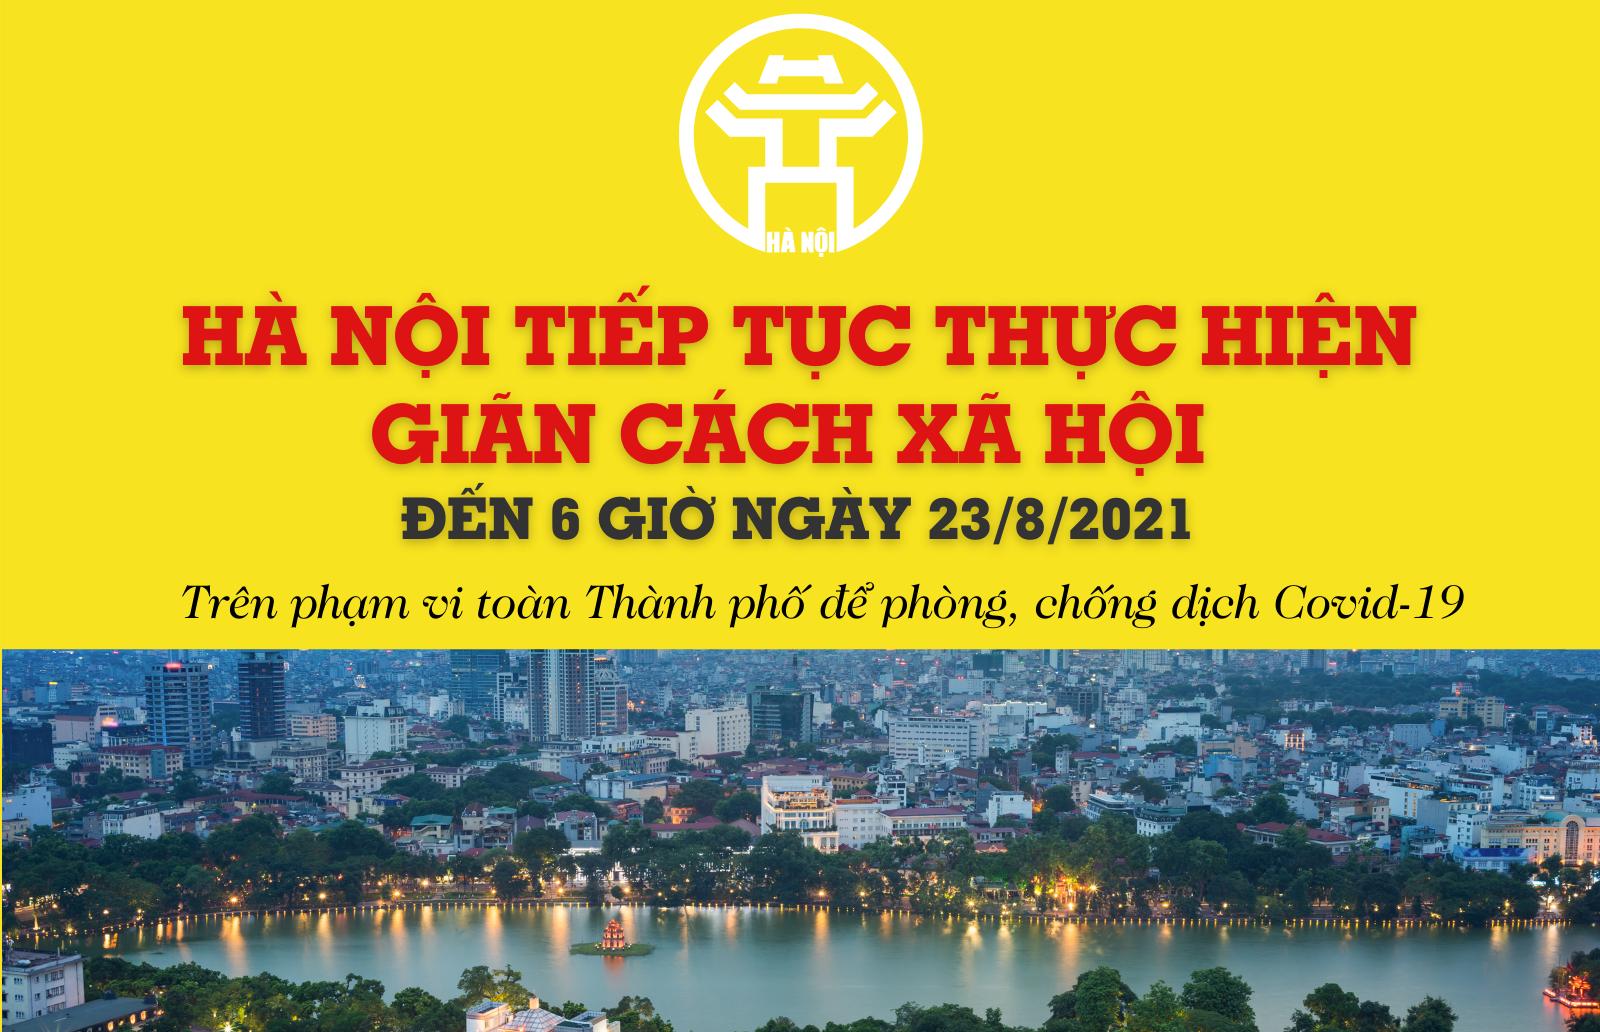 [Infographic] Hà Nội tiếp tục thực hiện giãn cách xã hội đến ngày 23/8